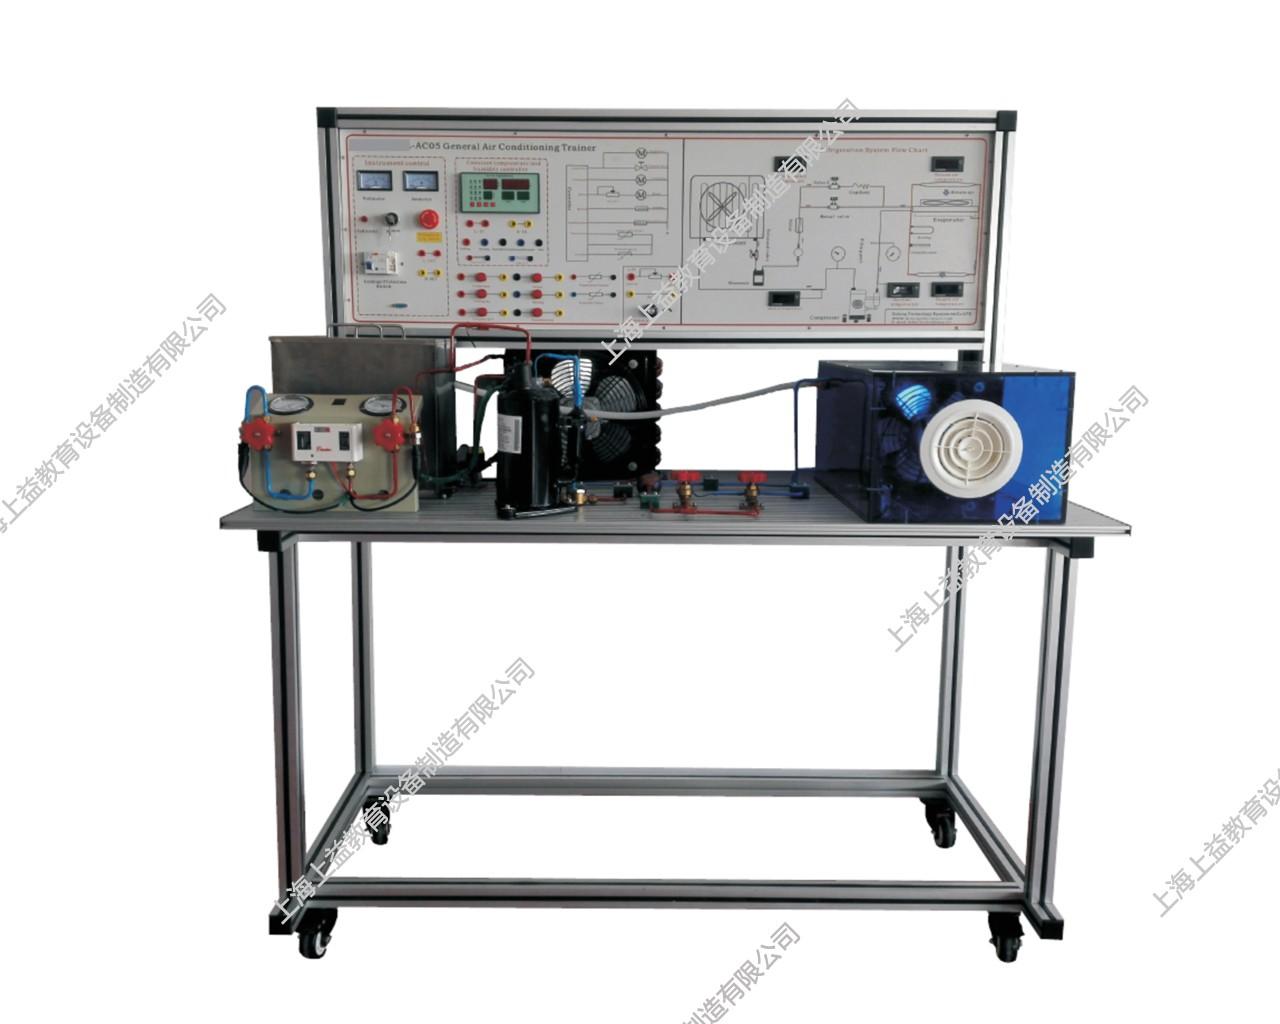 SY-HW25型 恒温恒湿机组系统模拟实验装置